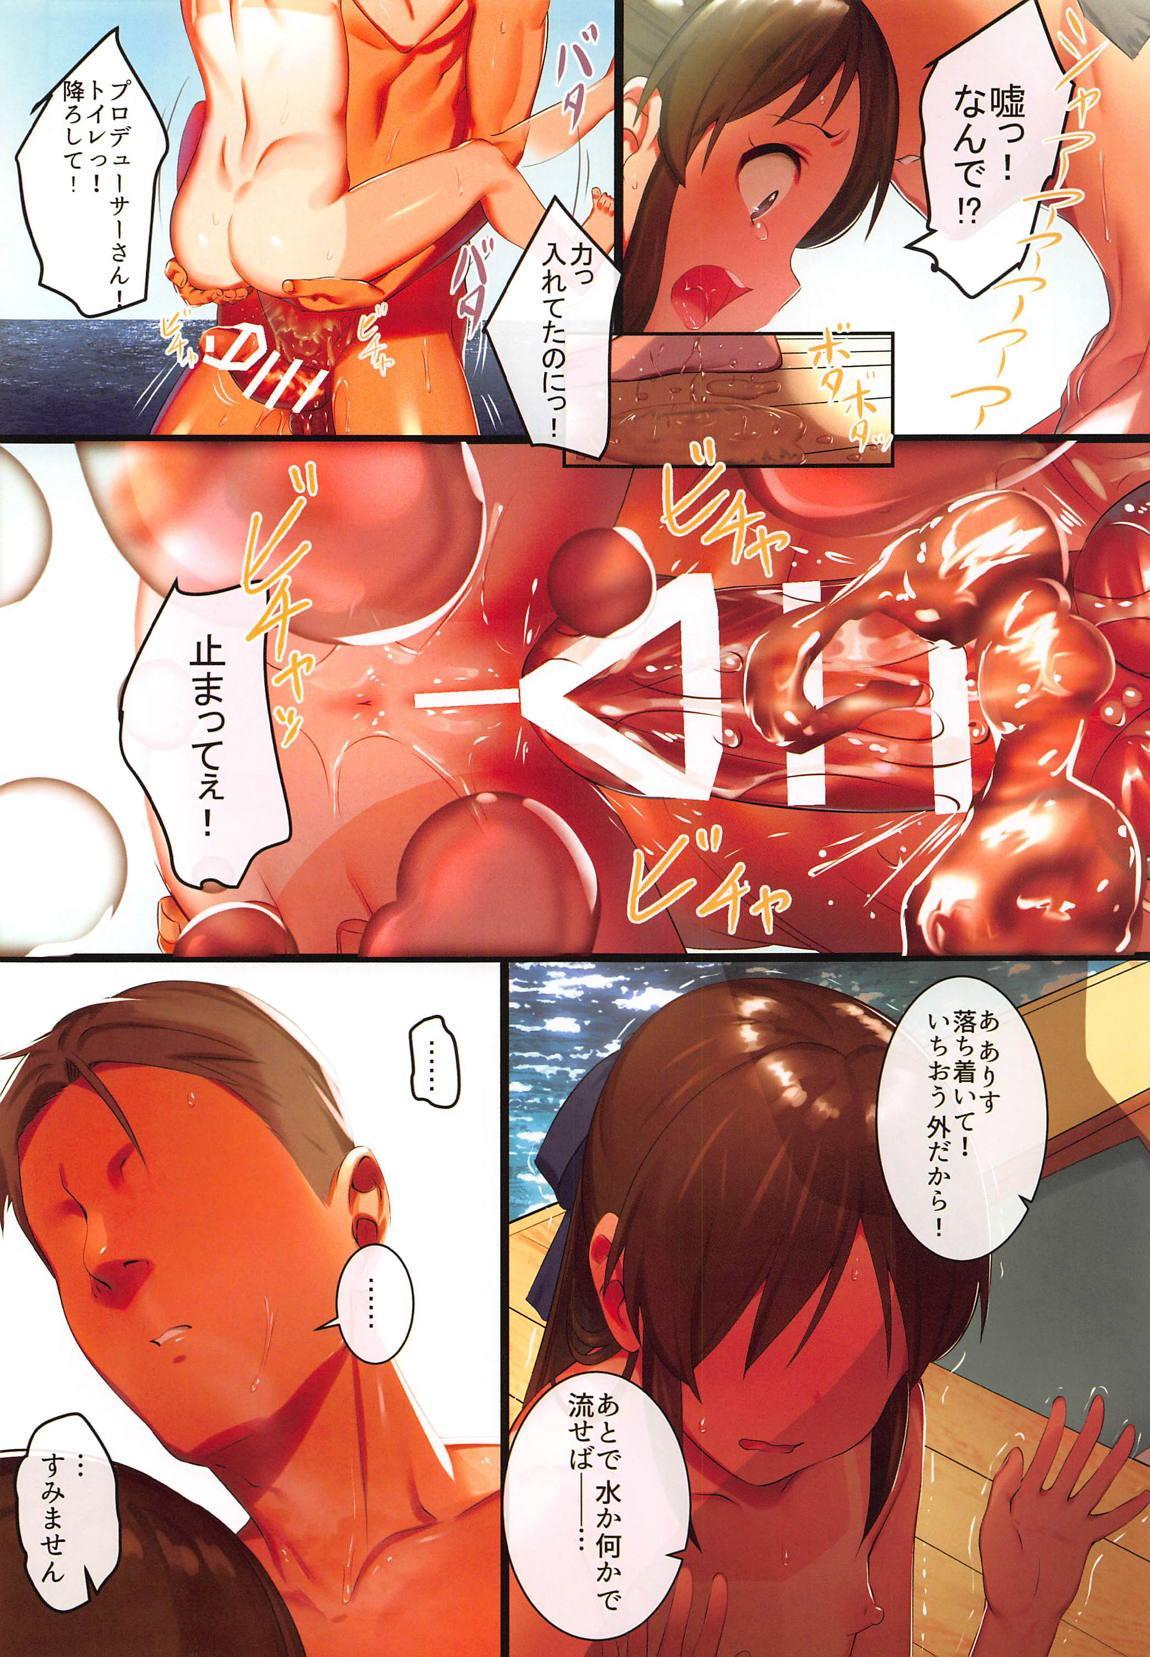 Arisu to Issho no Natsuyasumi 25